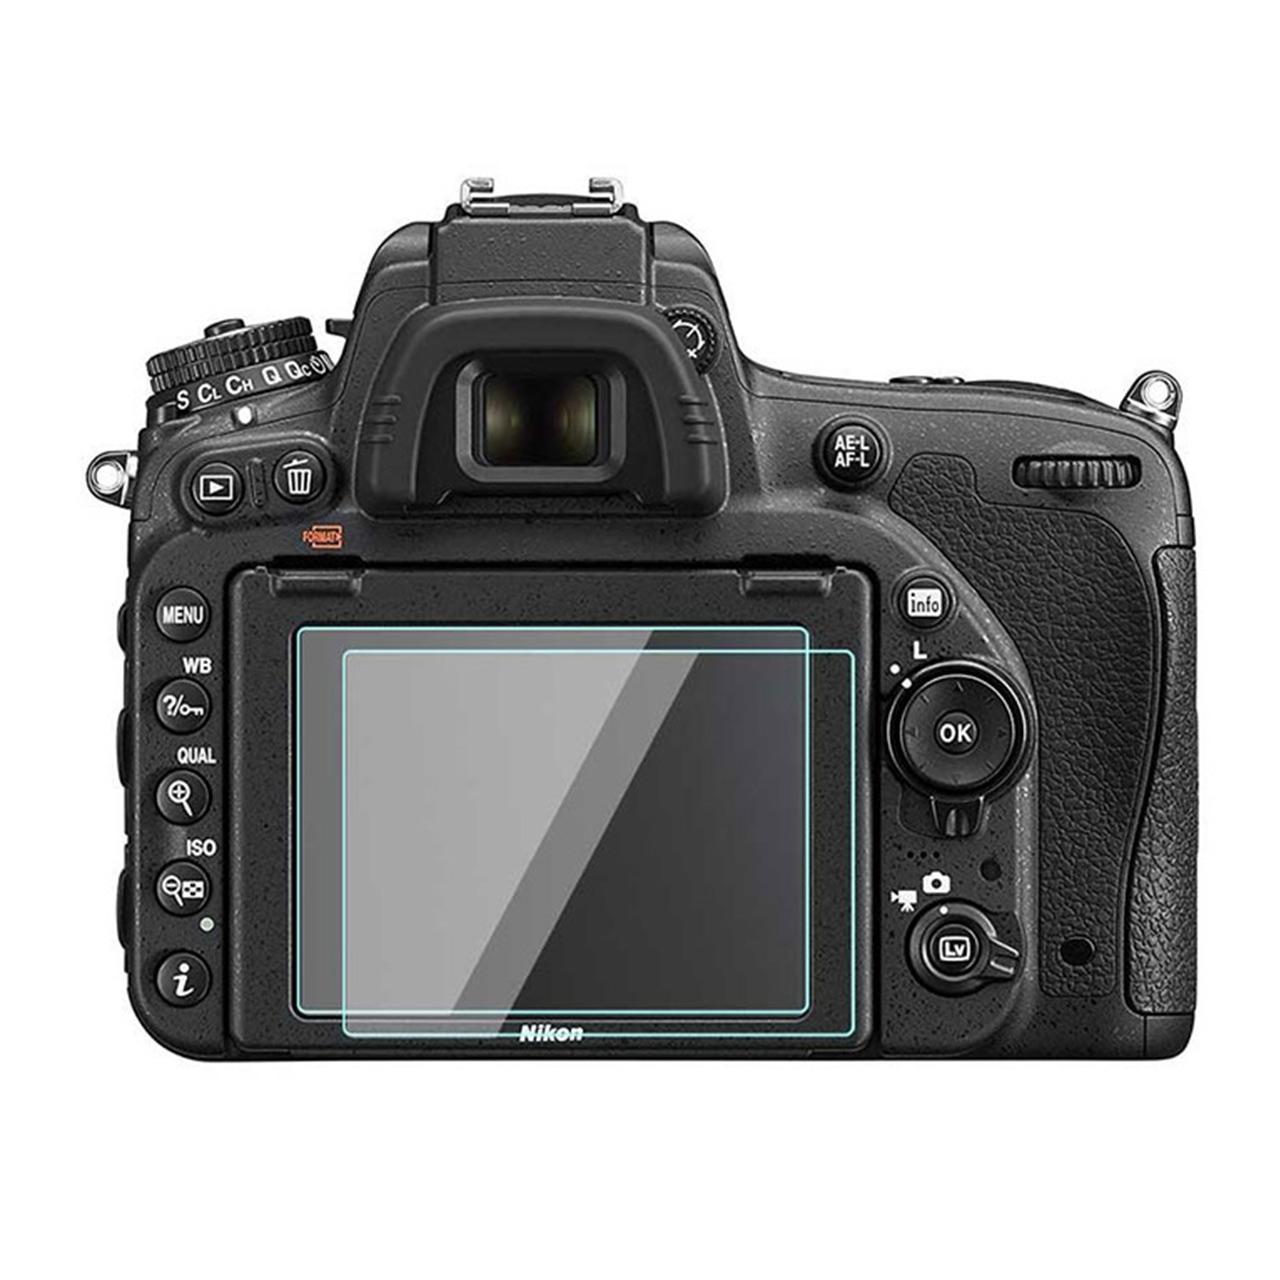 محافظ صفحه نمایش دوربین لینکا مدل N750 مناسب برای نیکون D750